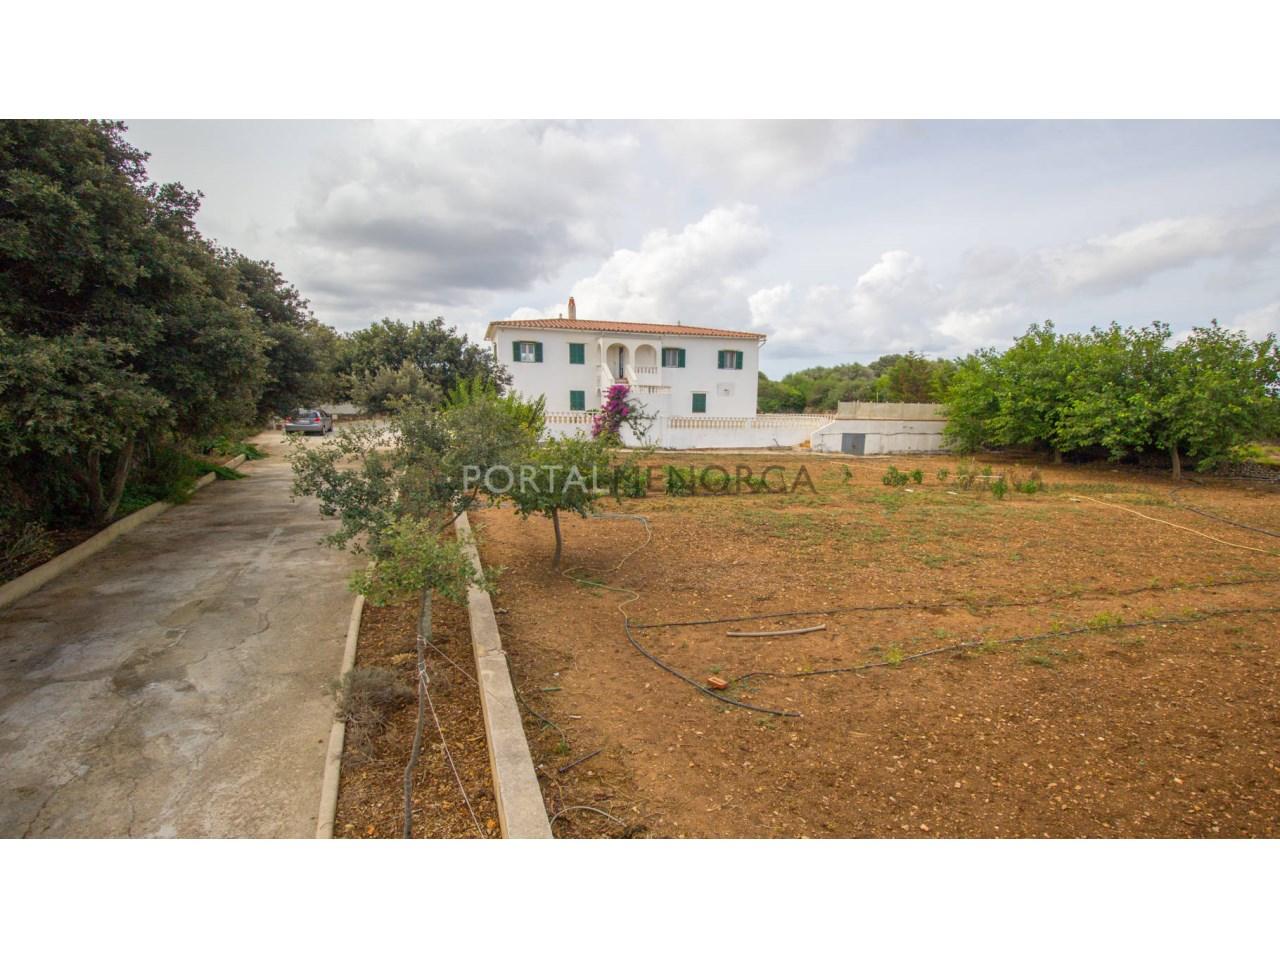 Casa de campo reciente en venta en Alaior